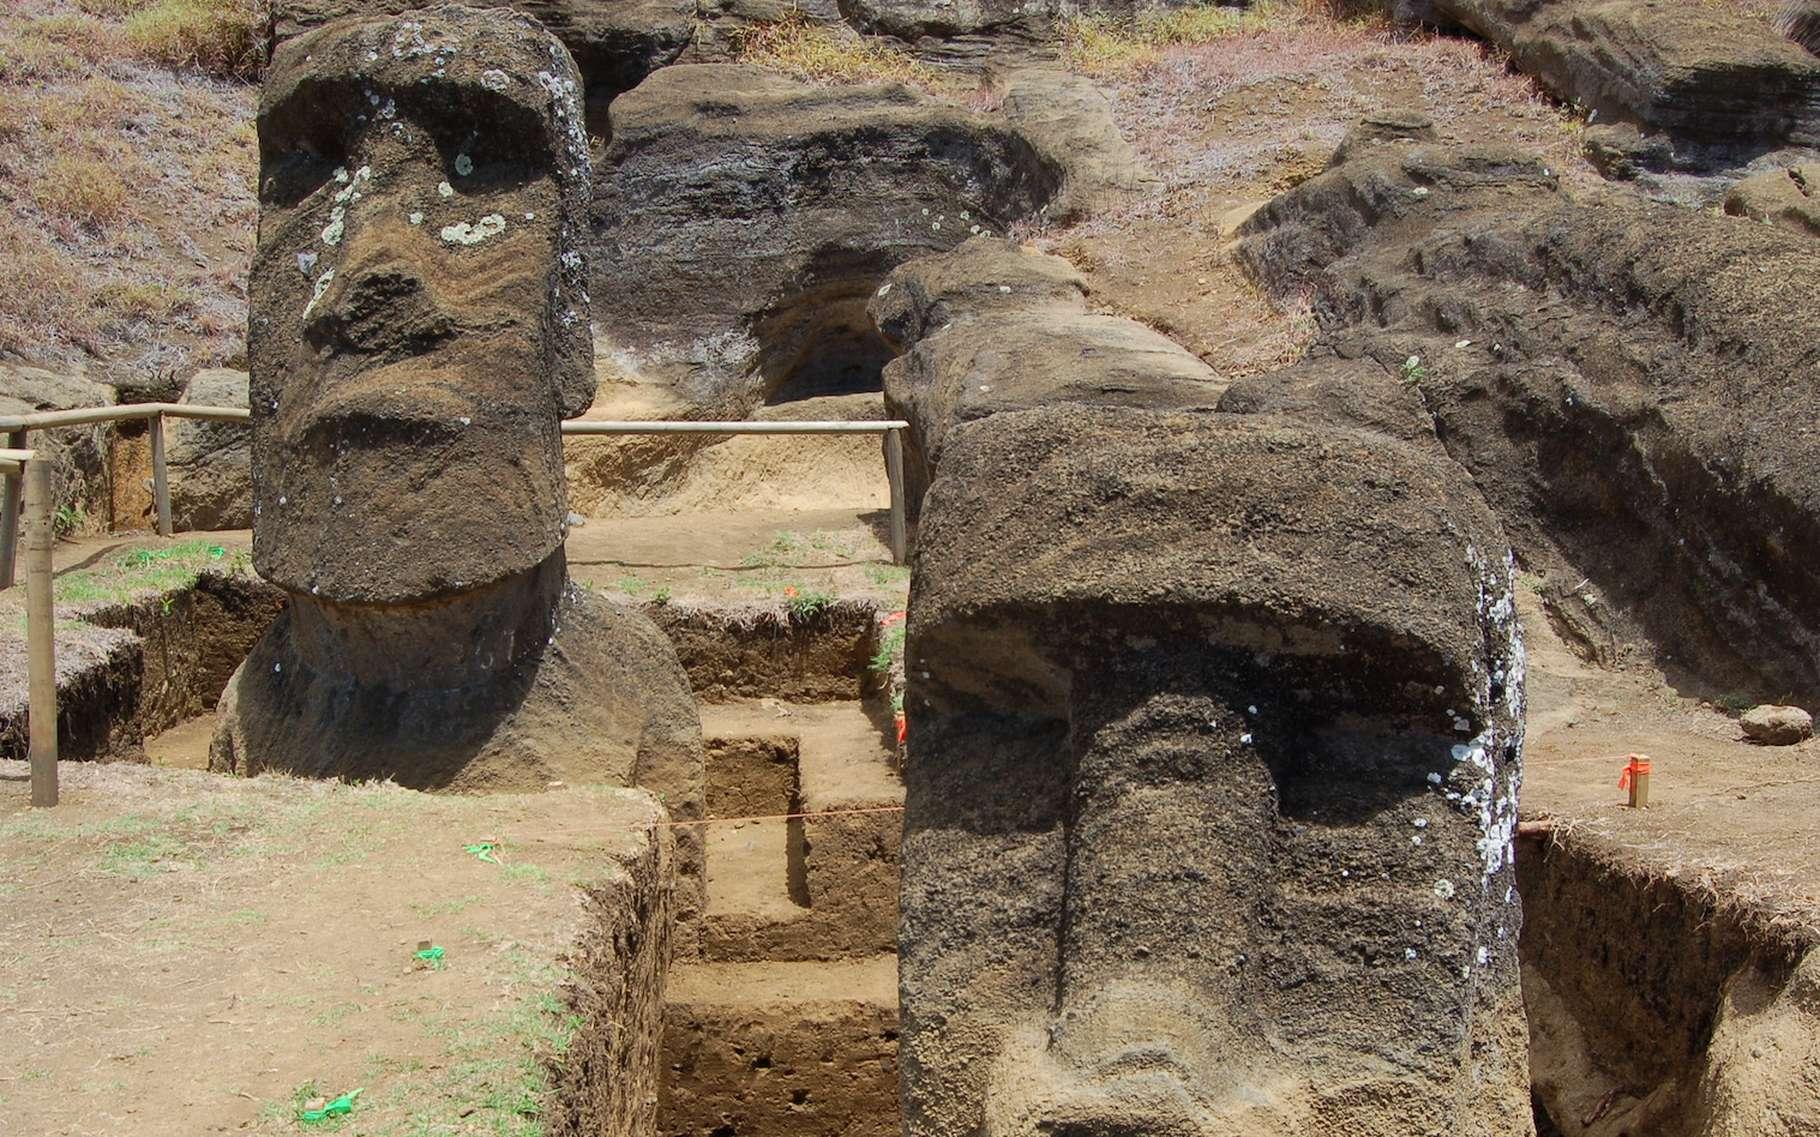 Des chercheurs de l'université de Californie à Los Angeles (États-Unis) imaginent aujourd'hui que les statues géantes de l'île de Pâques ont aidé l'agriculture locale. © Easter Island Statue Project, Université de Californie